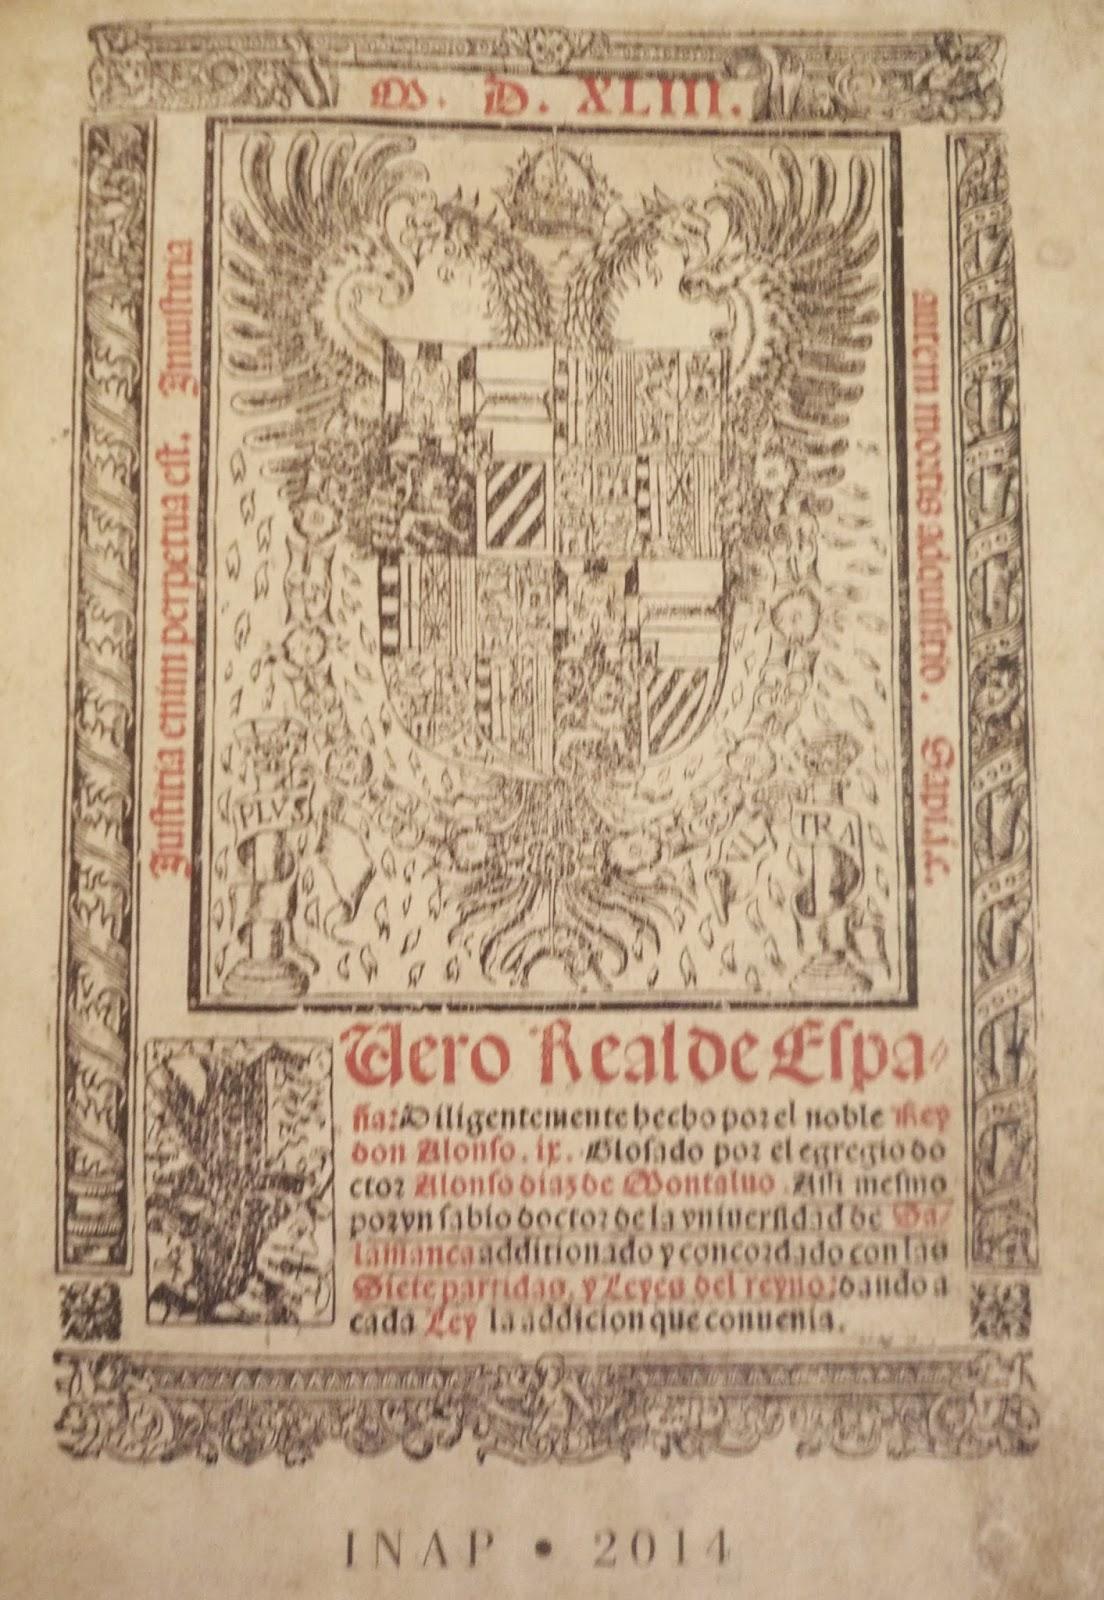 Facsímil del Fuero Real de España